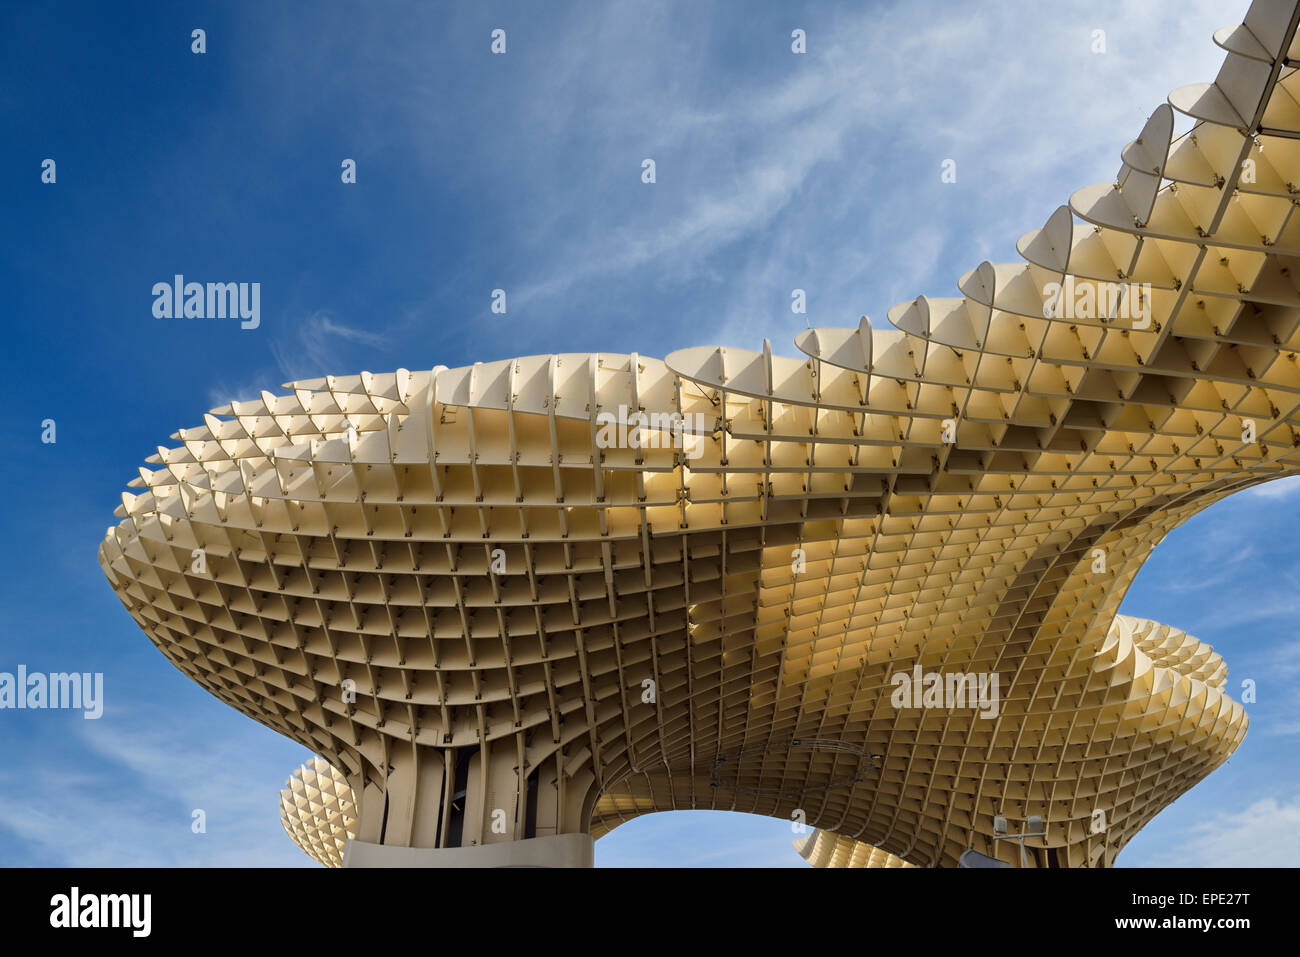 La moderna arquitectura abstracta formas de metropol parasol en la plaza de la encarnación sevilla españa Imagen De Stock